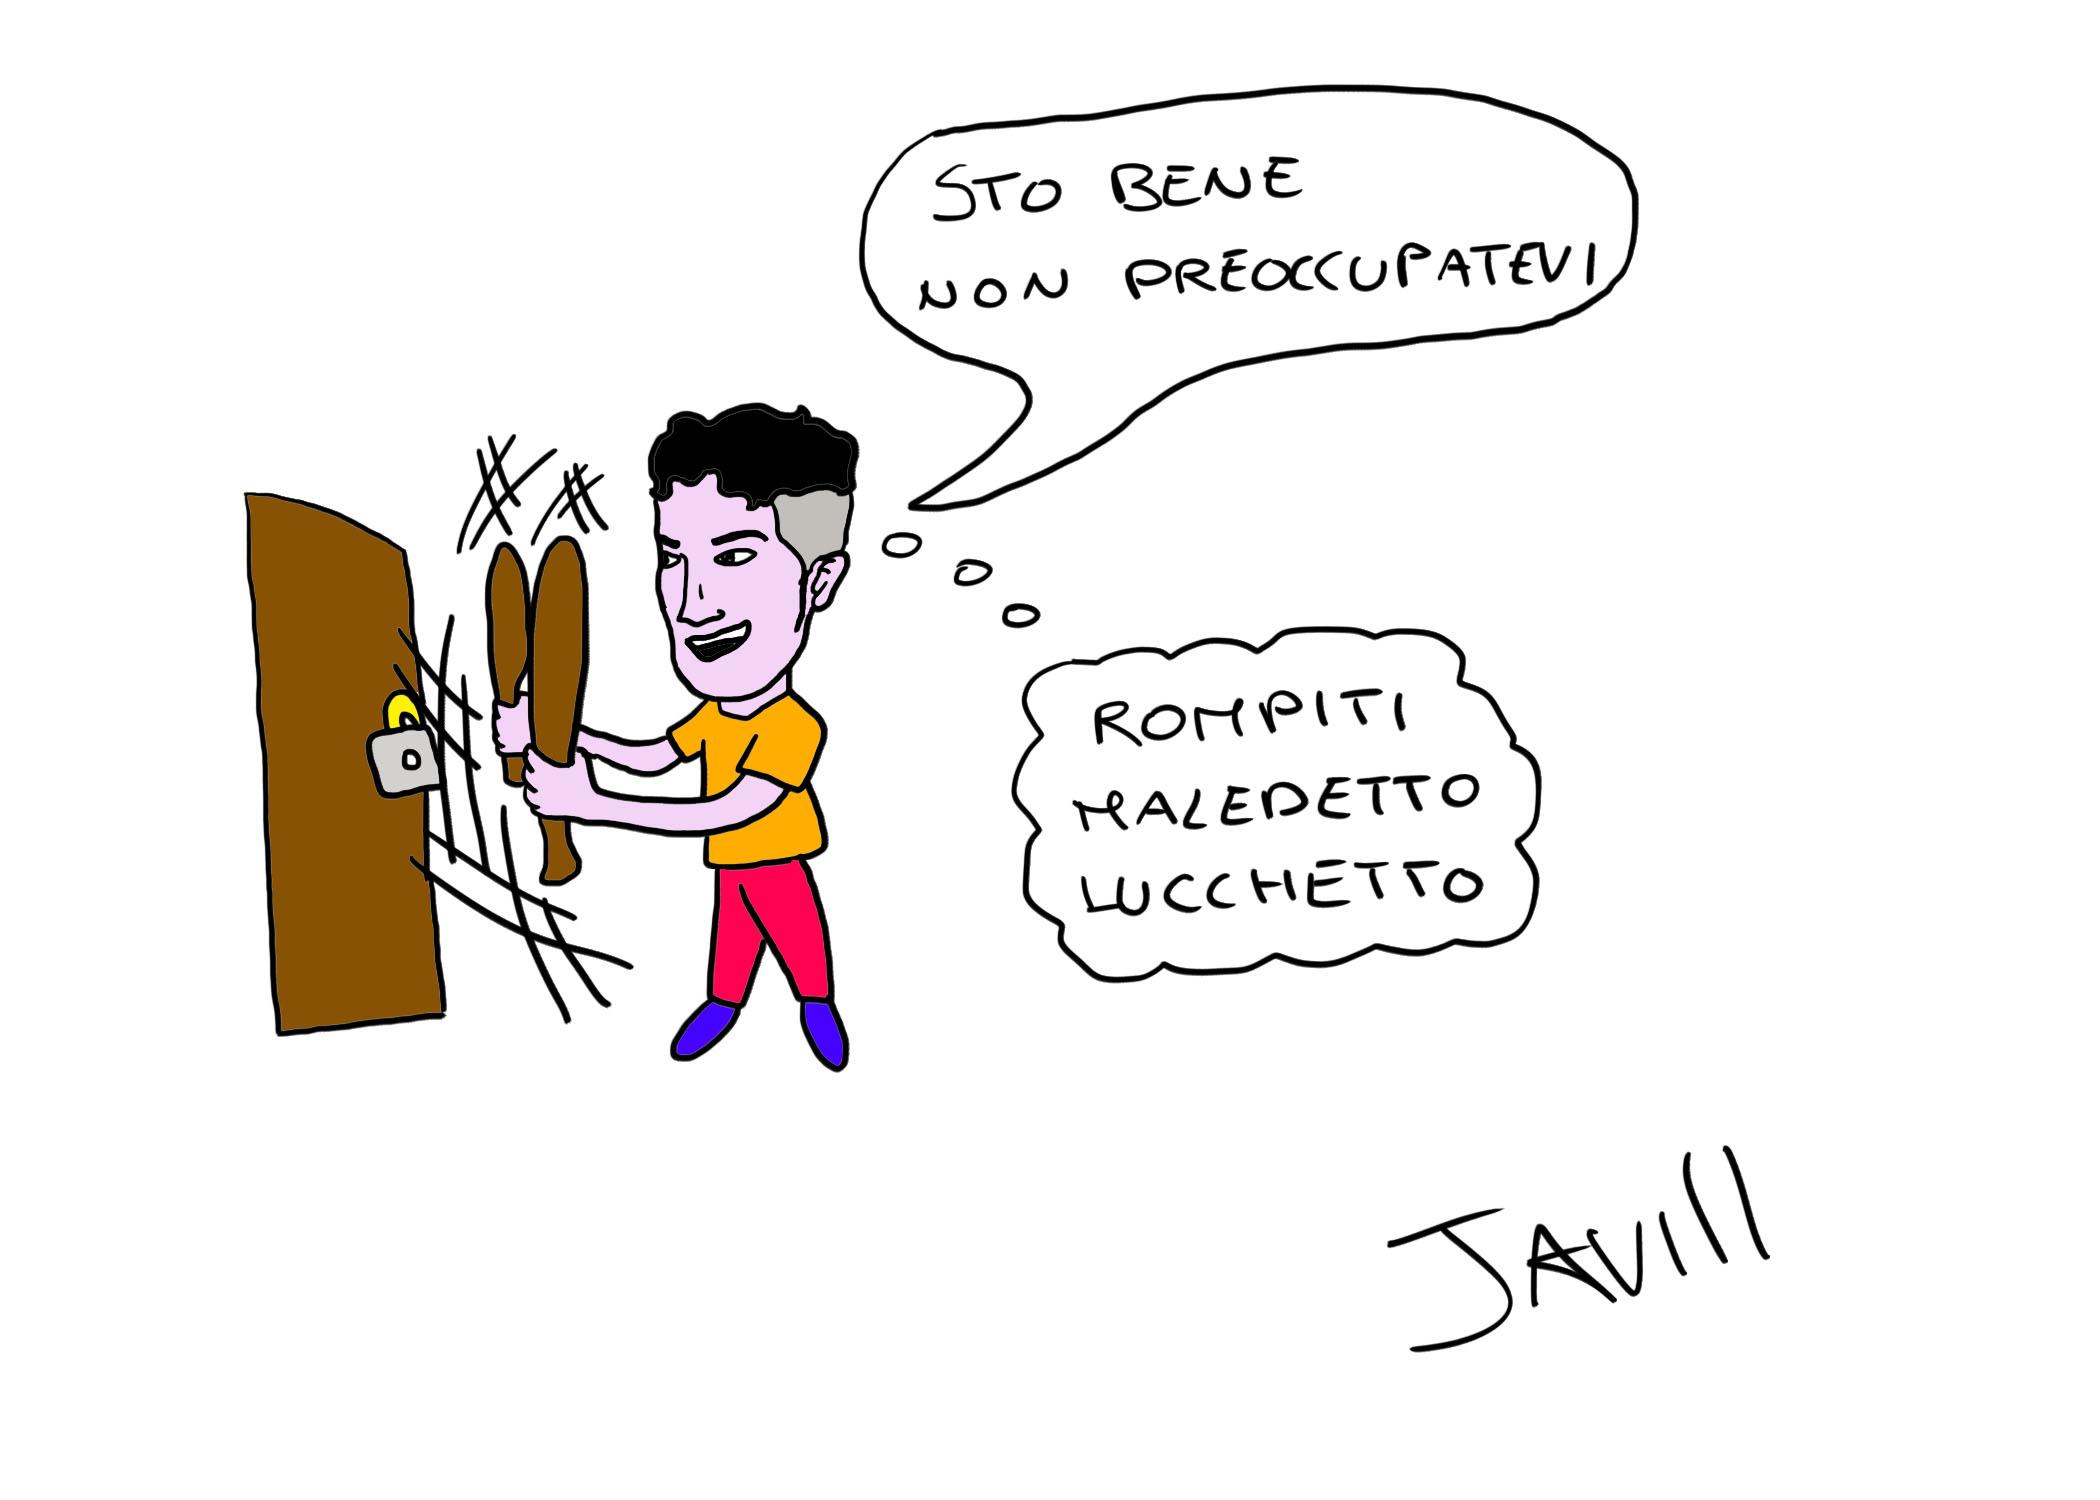 BASTONI ISOLAMENTO RASSICURA I FAN